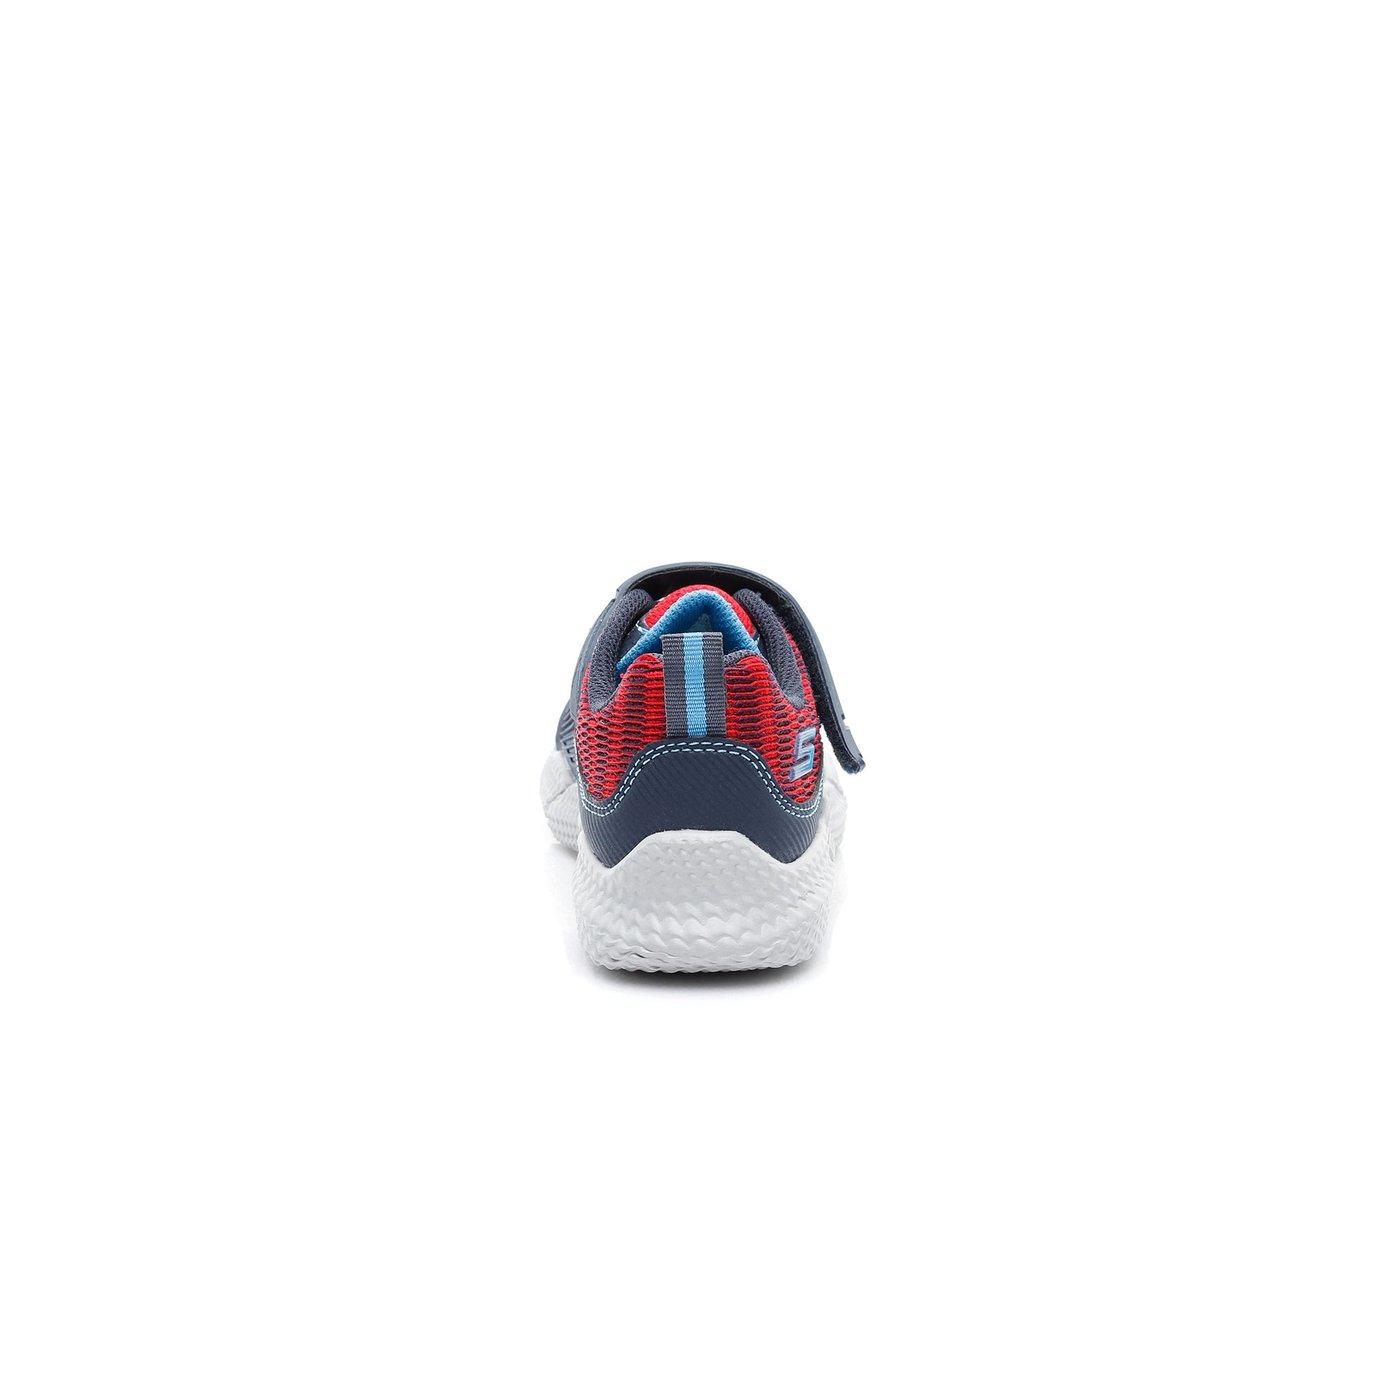 Skechers Intersectors - Protofuel Erkek Çocuk Lacivert-Kırmızı Spor Ayakkabı